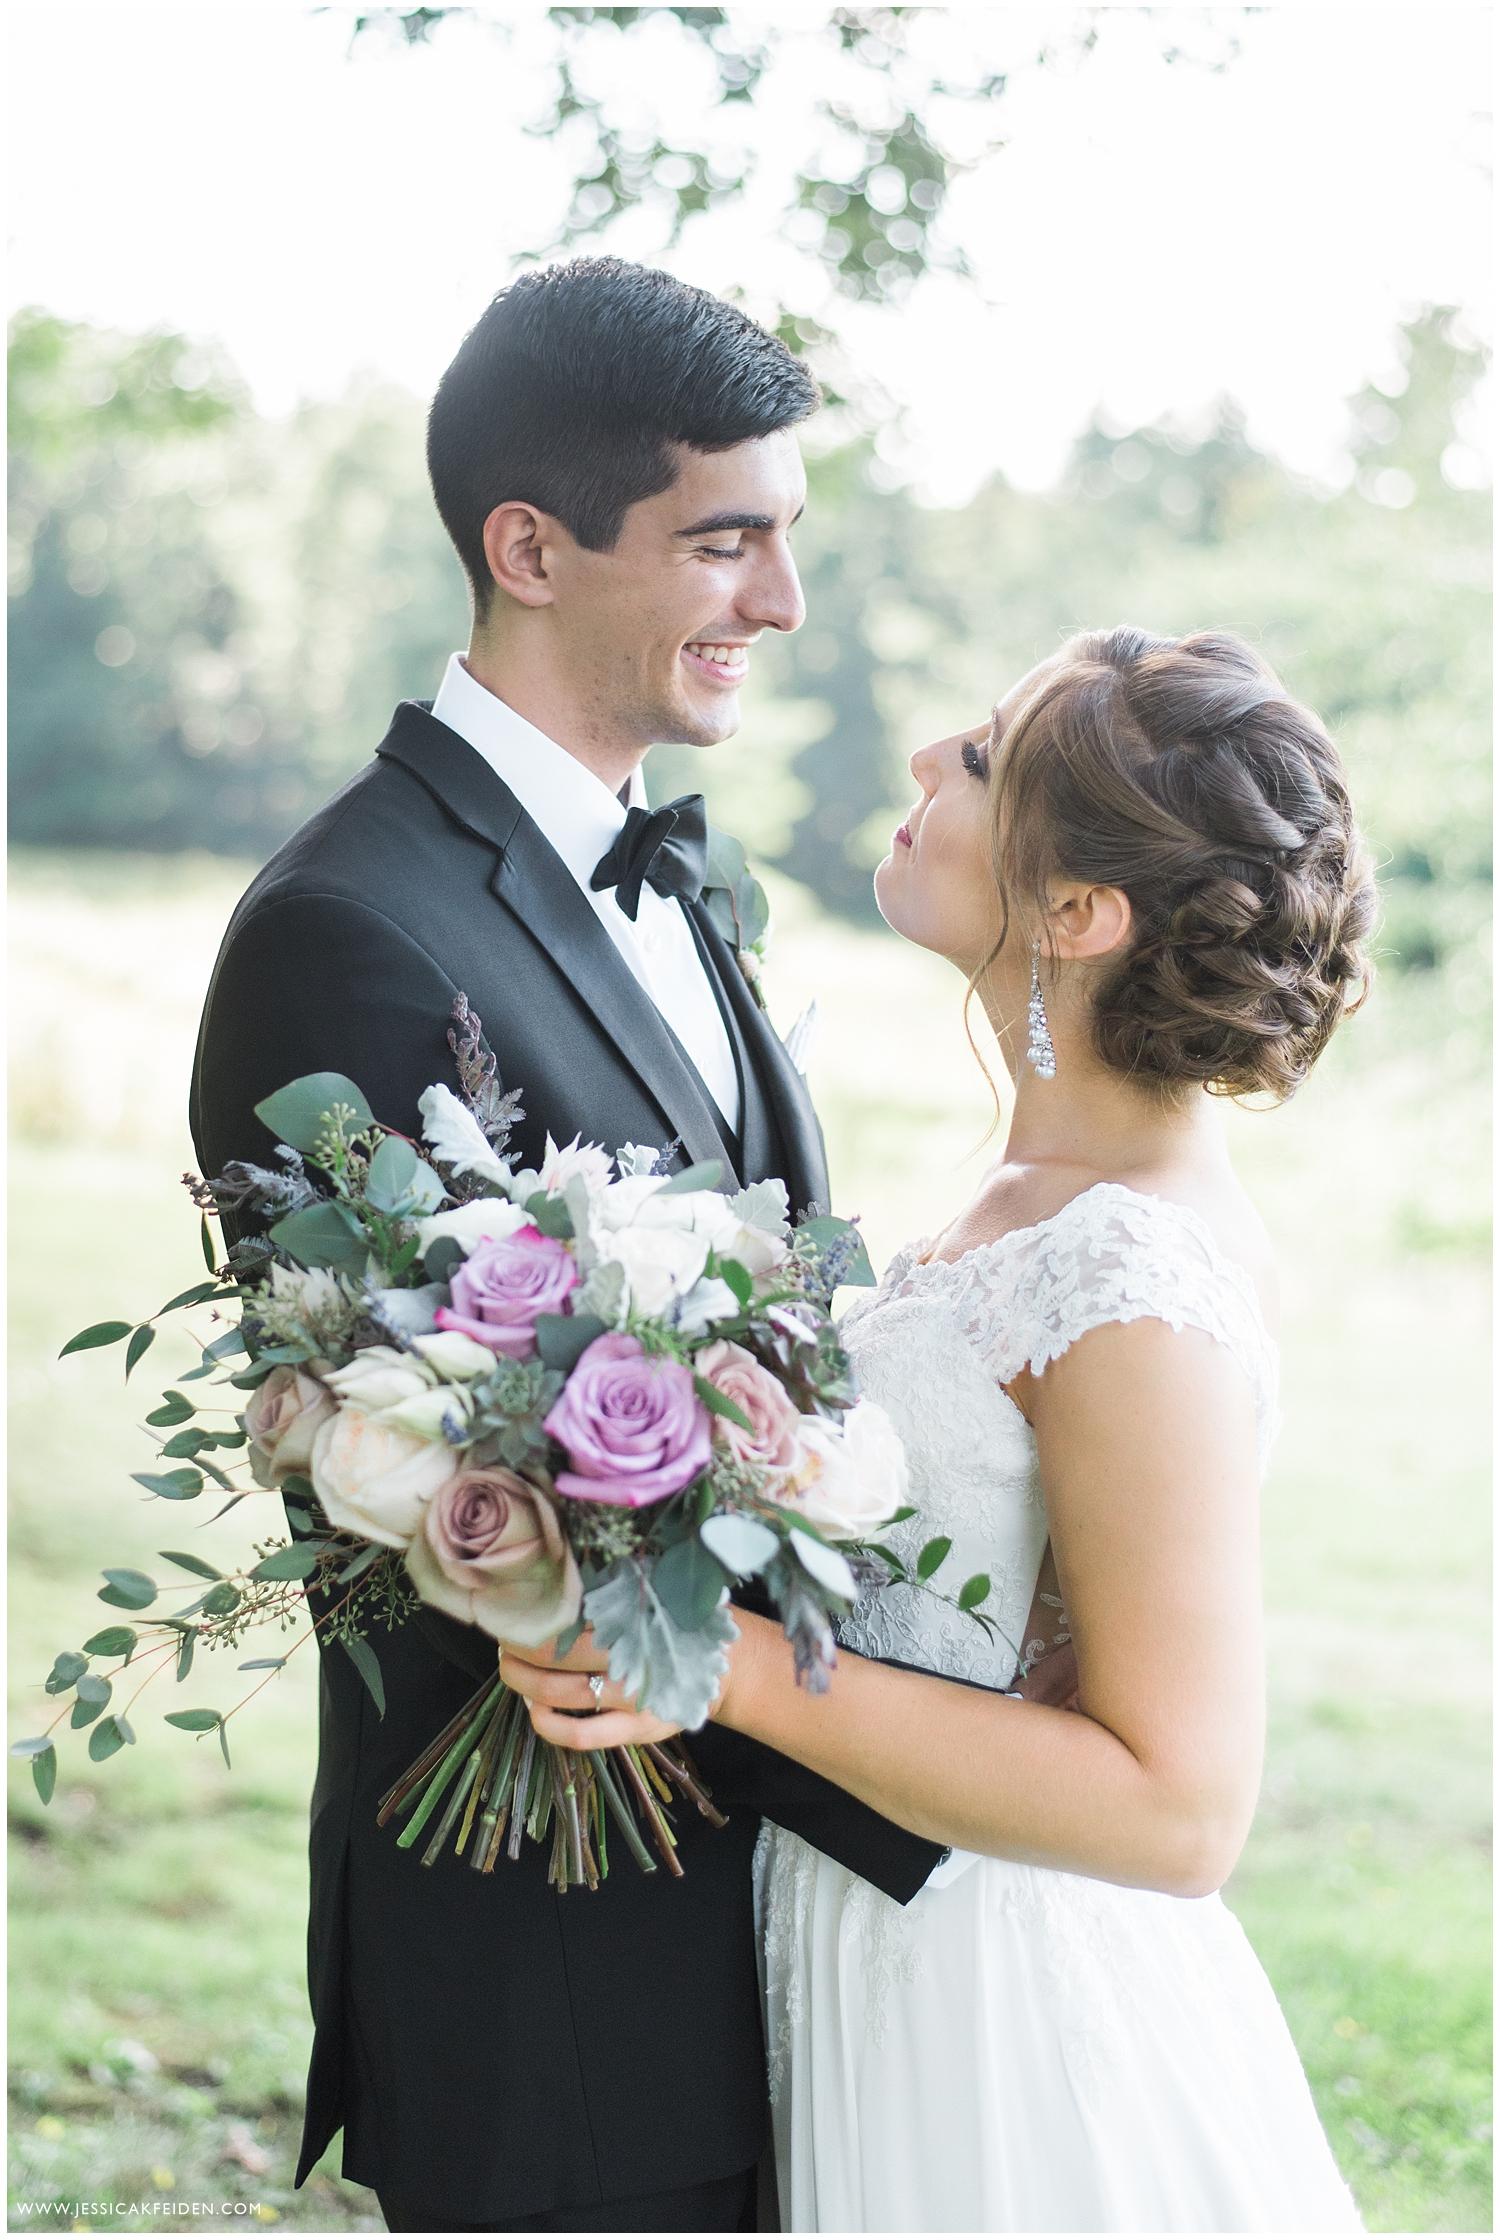 Jessica K Feiden Photography_The Fruitlands Museum Wedding_0017.jpg